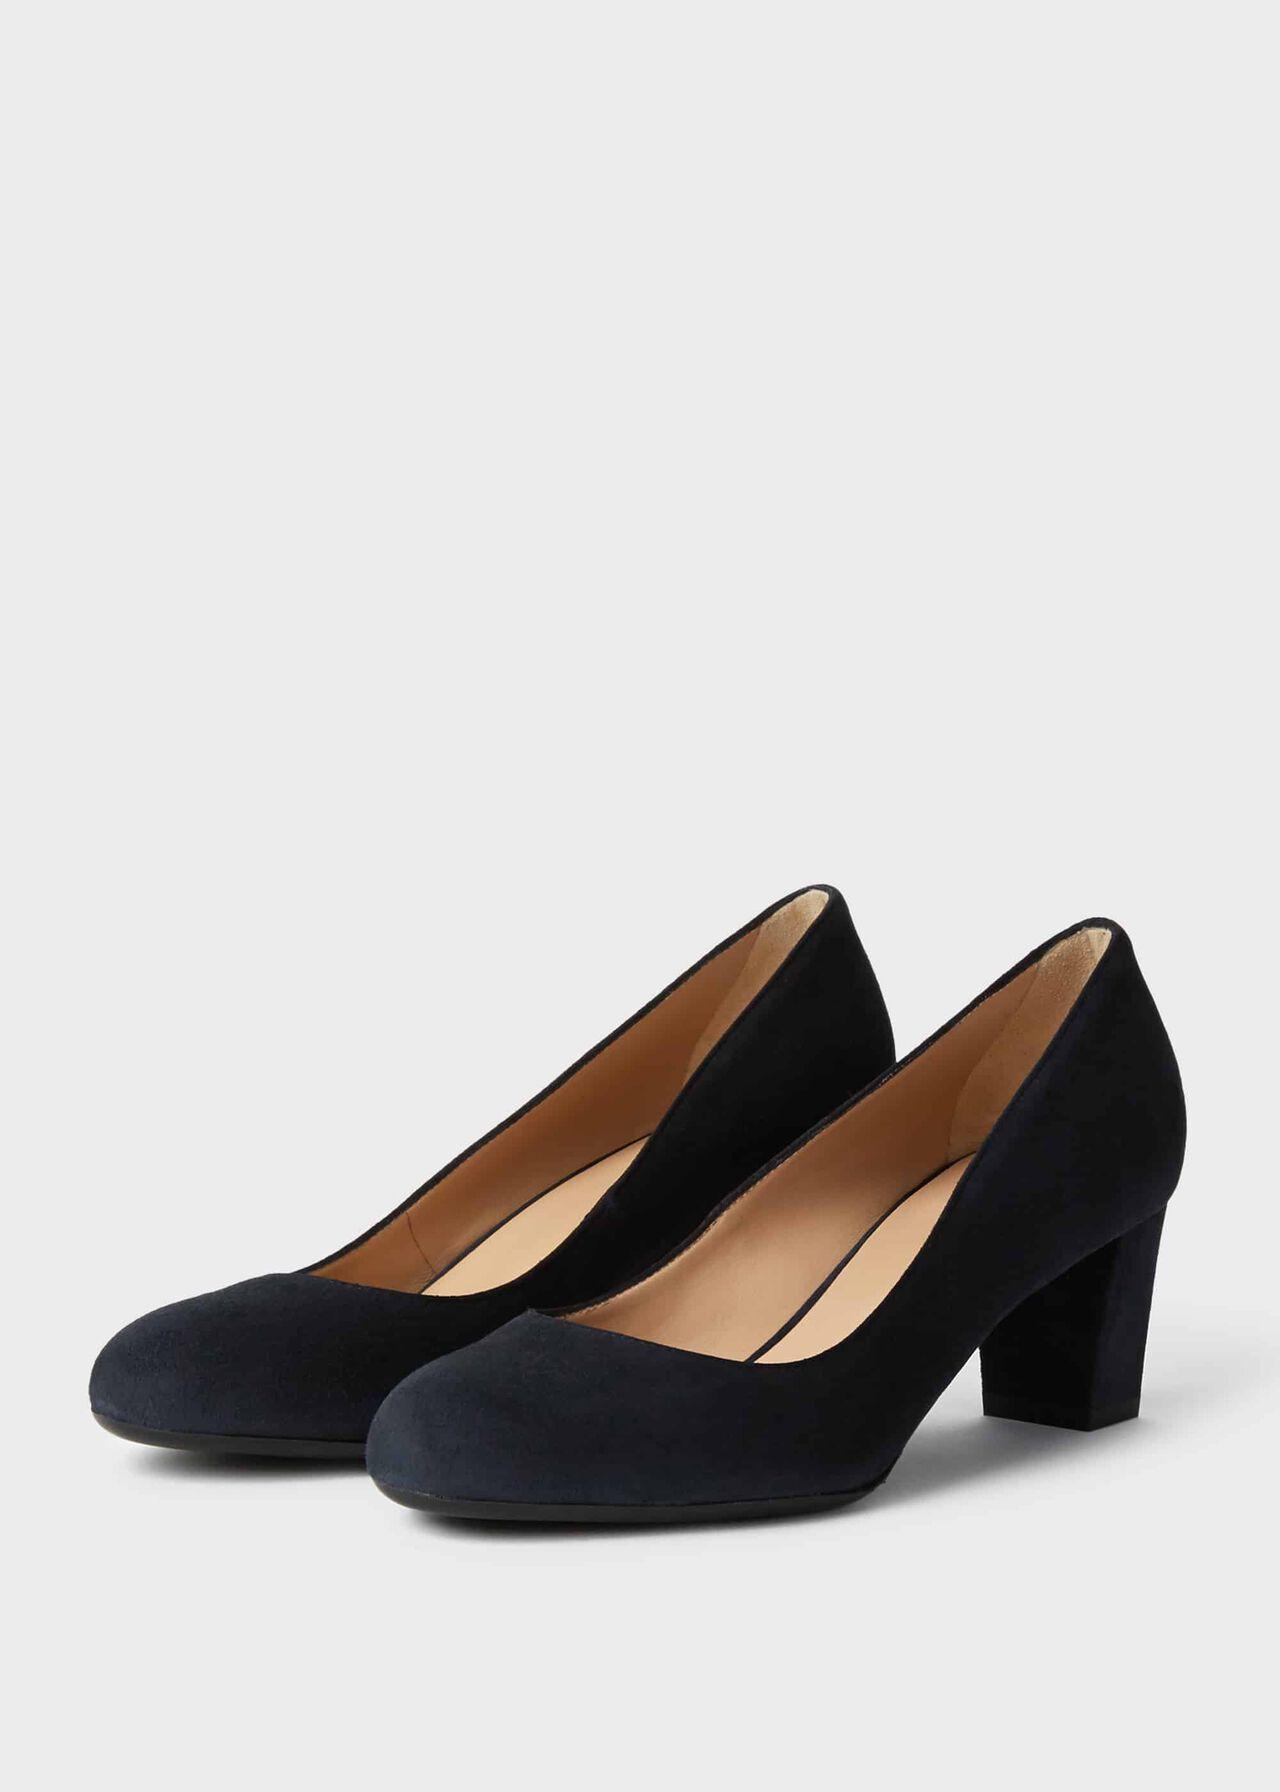 Amber Suede Block Heel Court Shoes Navy